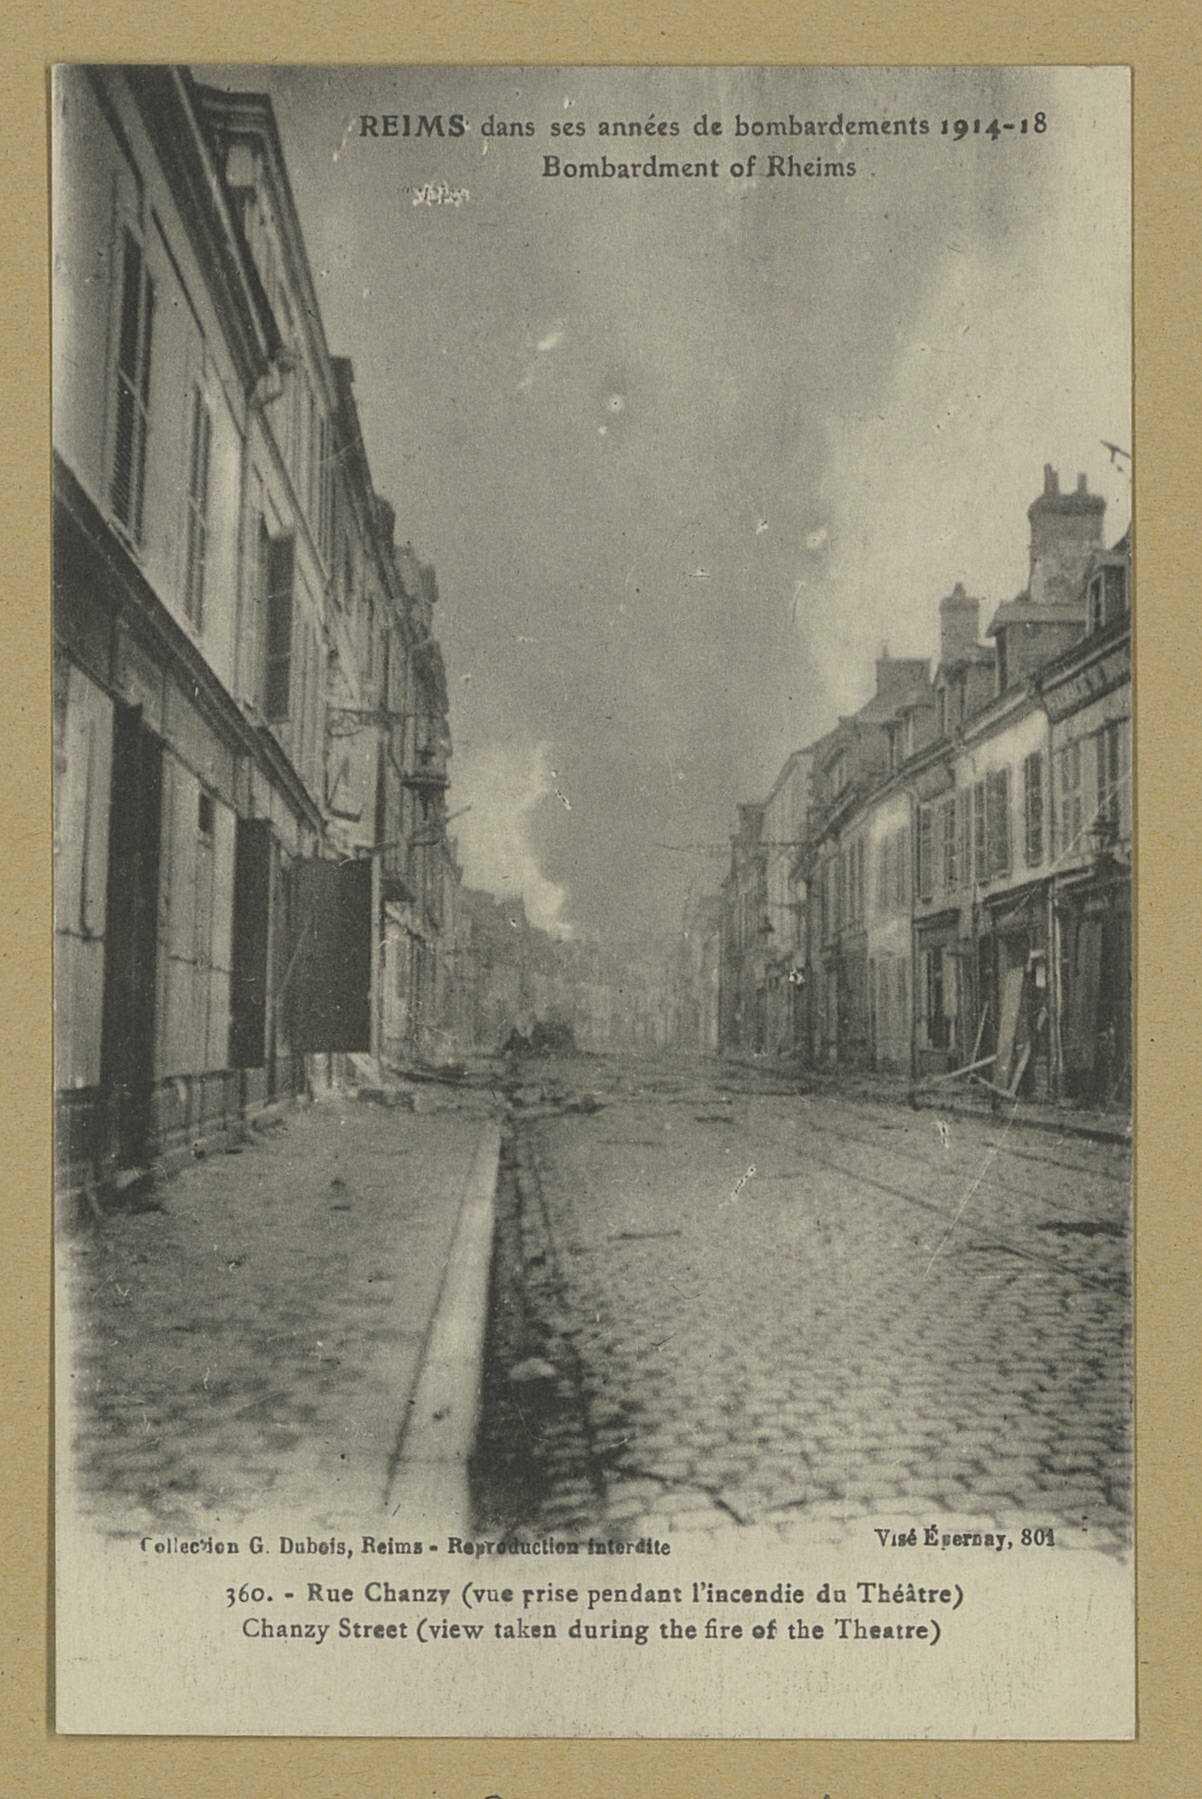 REIMS. Reims dans ses années de bombardements 1914-18. 360. Rue Chanzy - (vue prise pendant l'incendie du théâtre). Collection G. Dubois, Reims